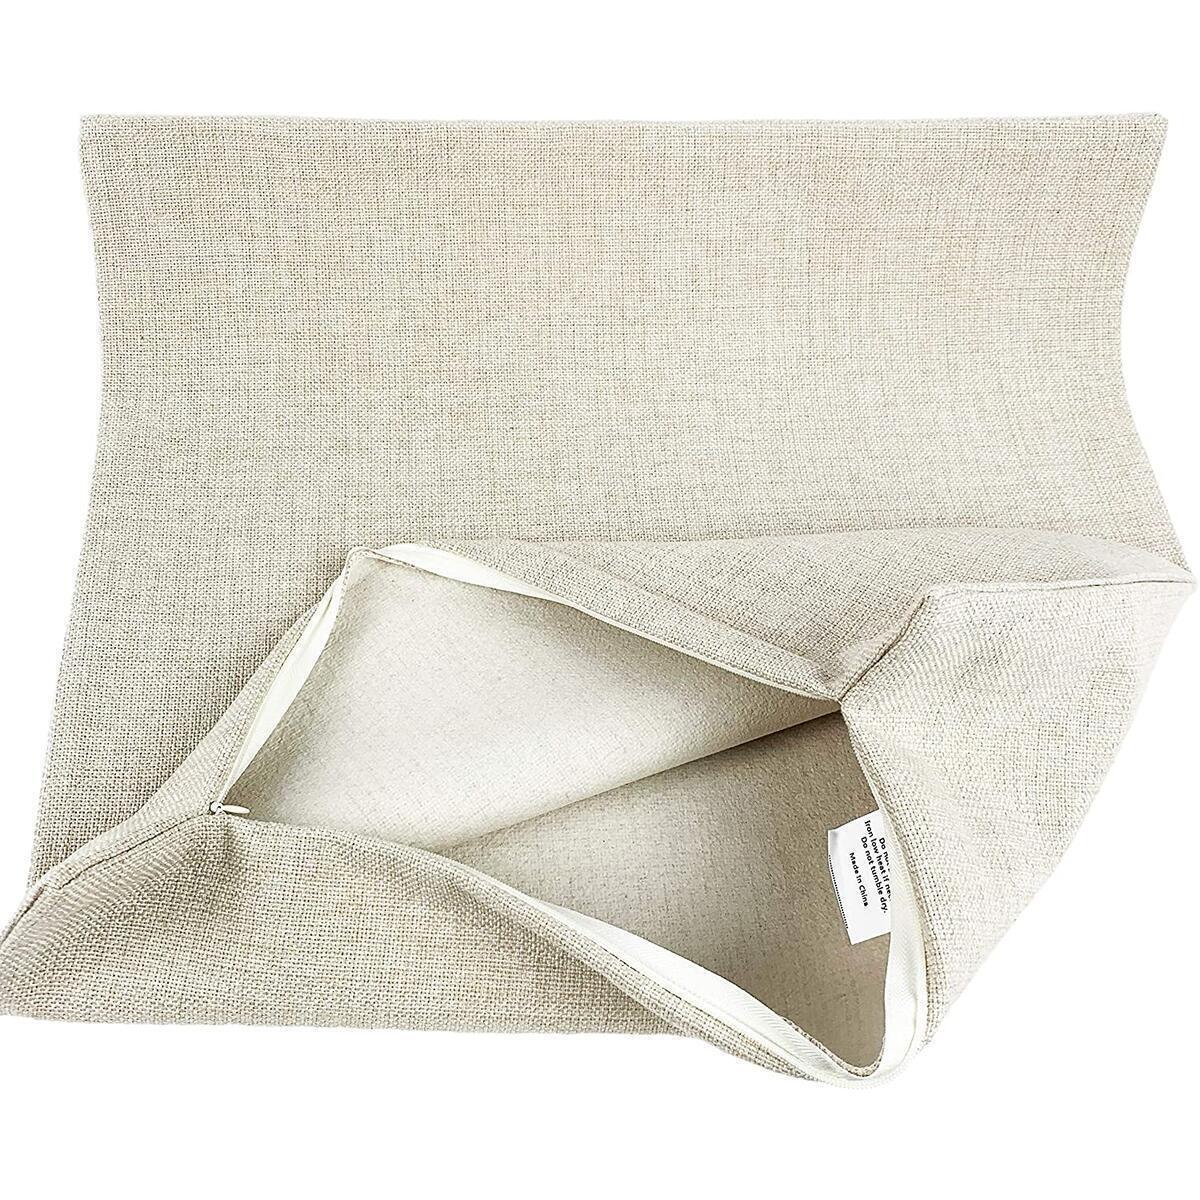 DrupsCo Paris Throw Pillow Case - Paris Pillow Covers 18x18, Decorative Paris Pillows